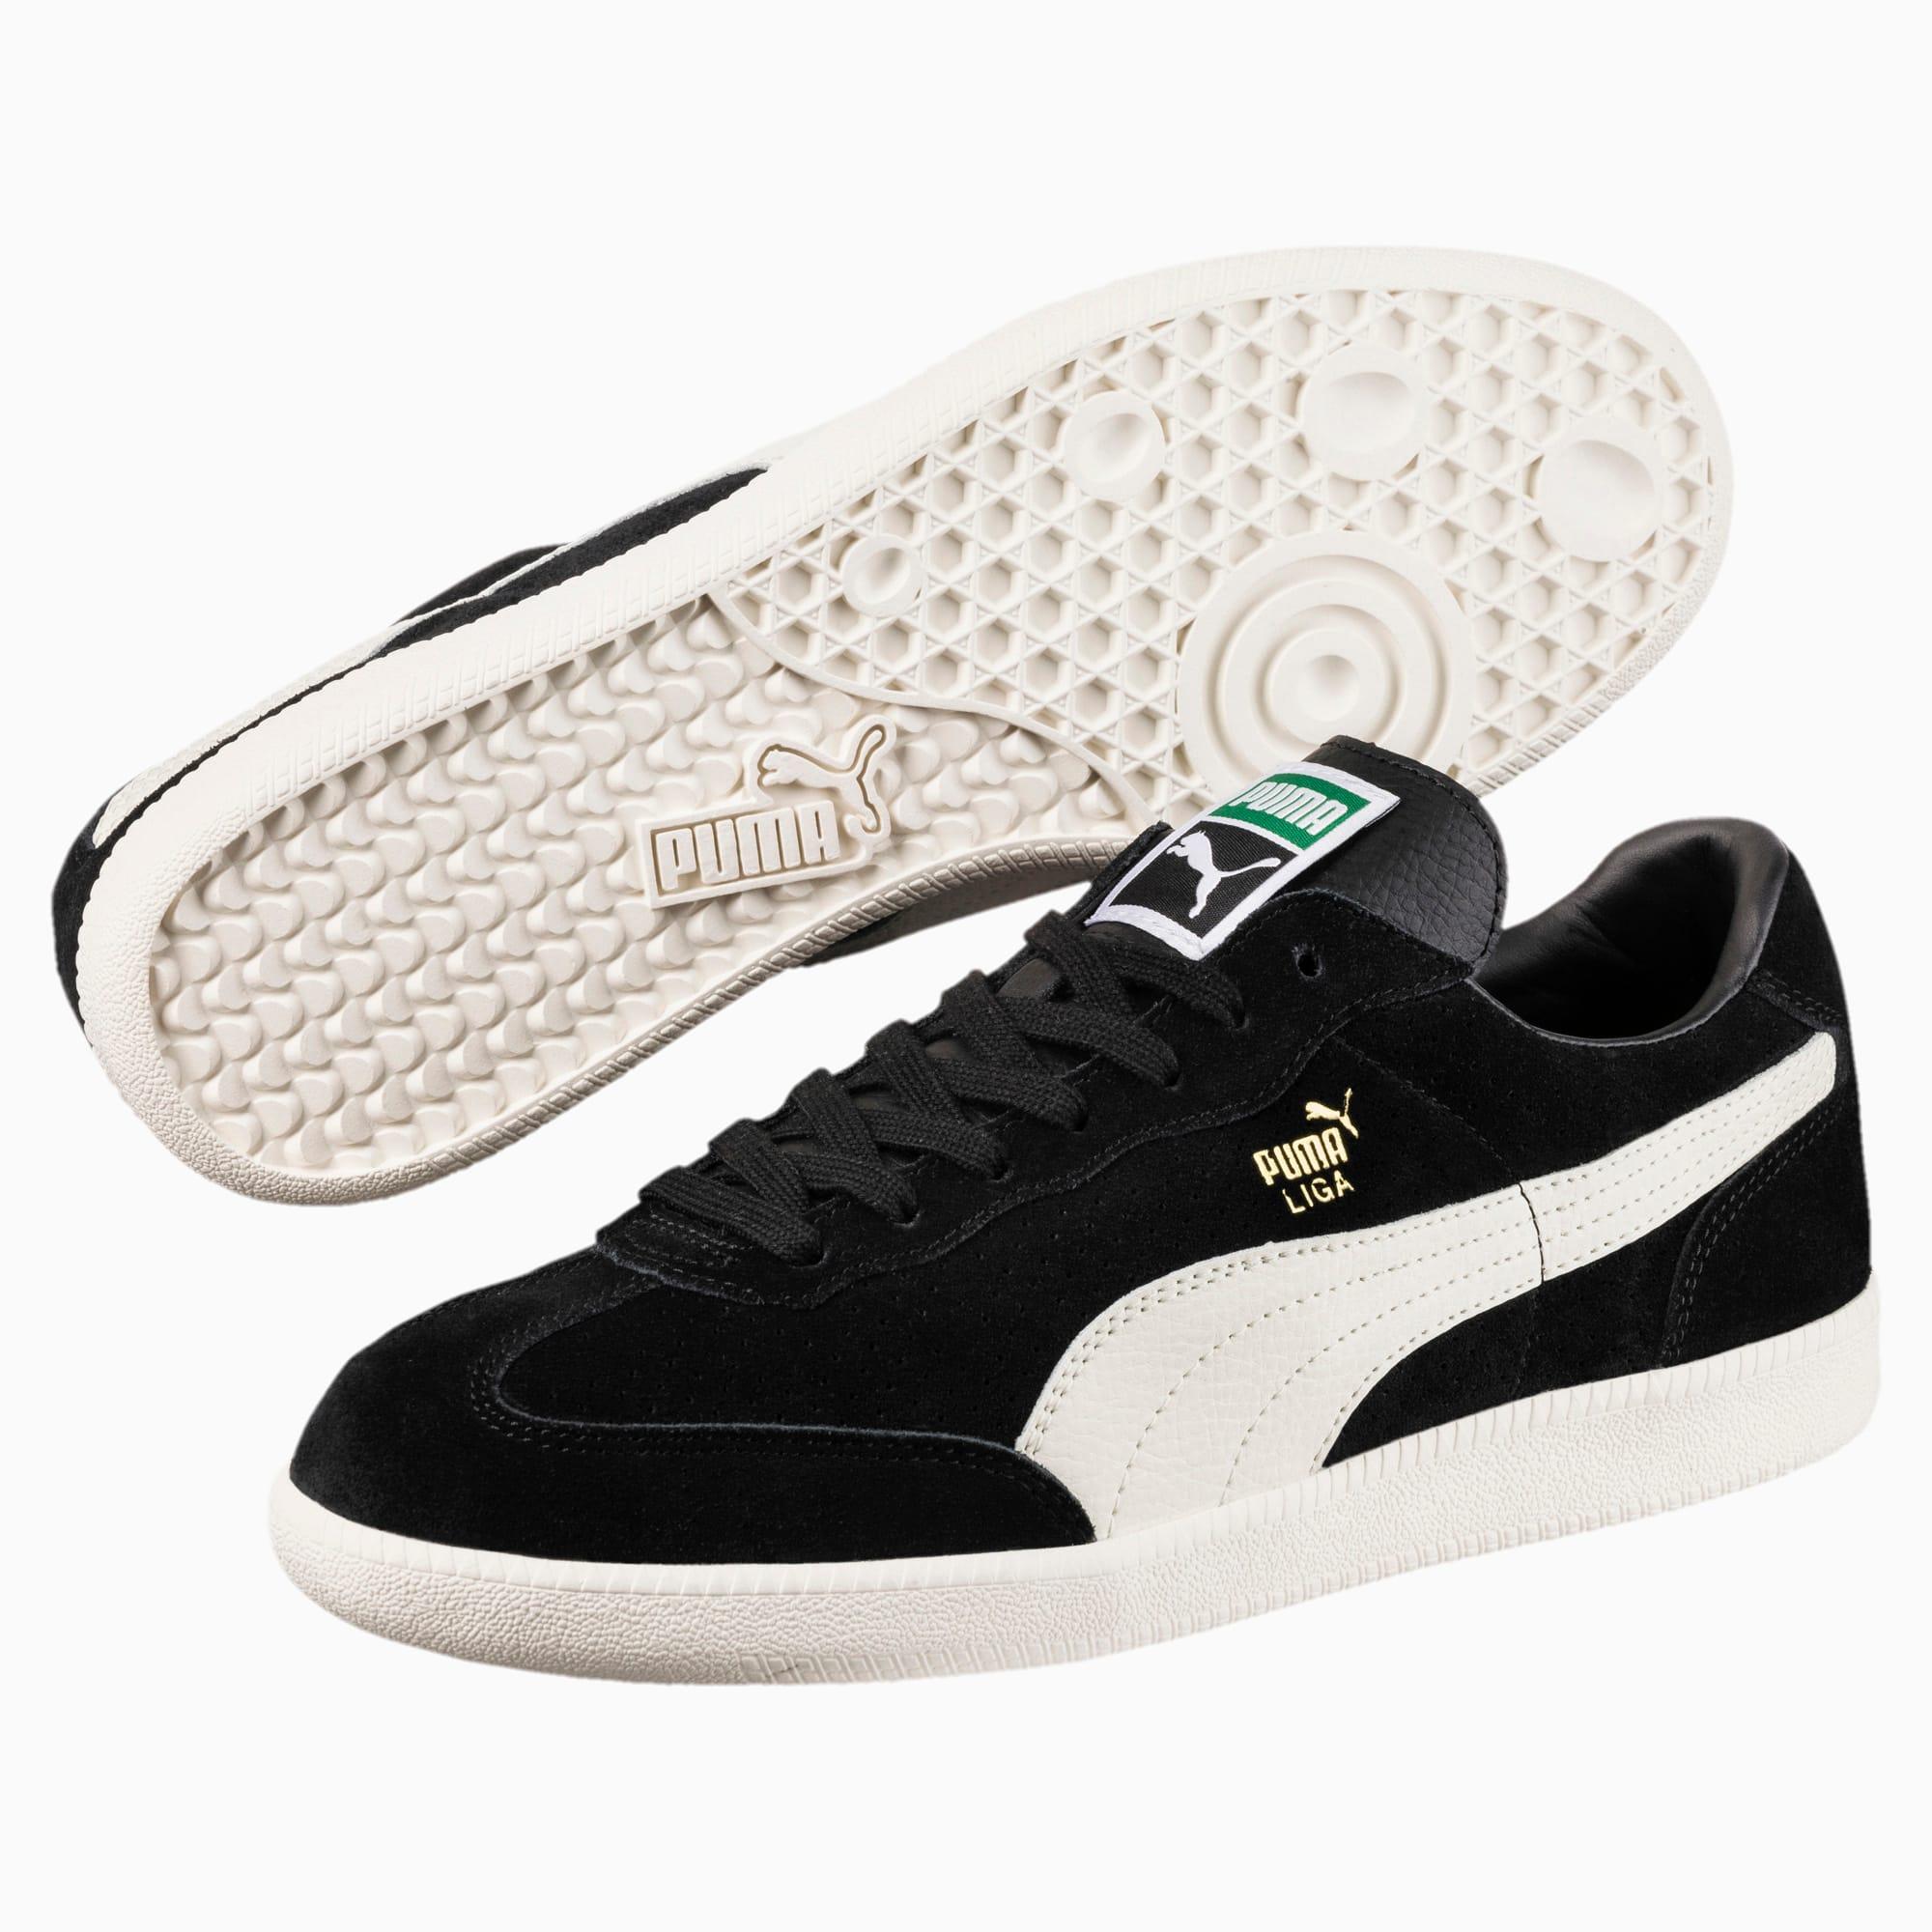 scarpe puma liga suede perf